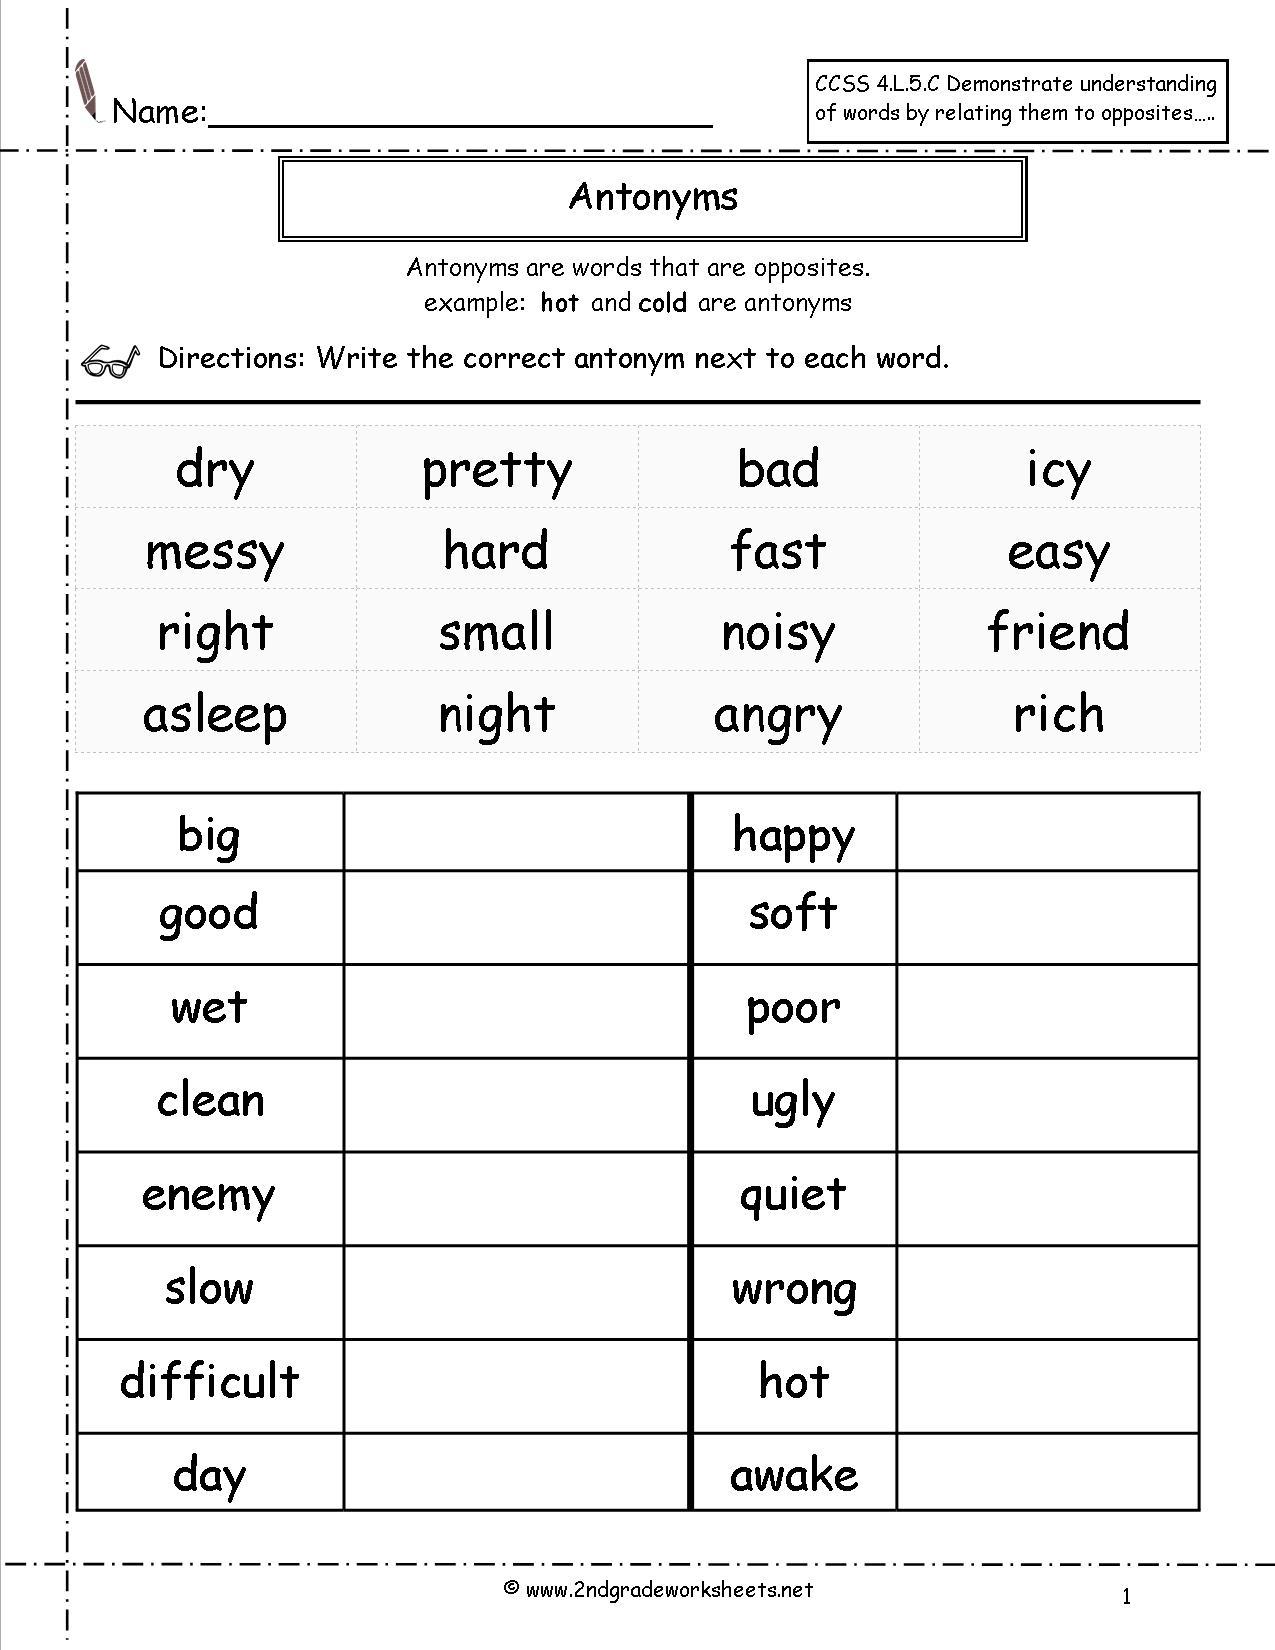 13 Best Images Of Antonym Worksheets For 3rd Grade